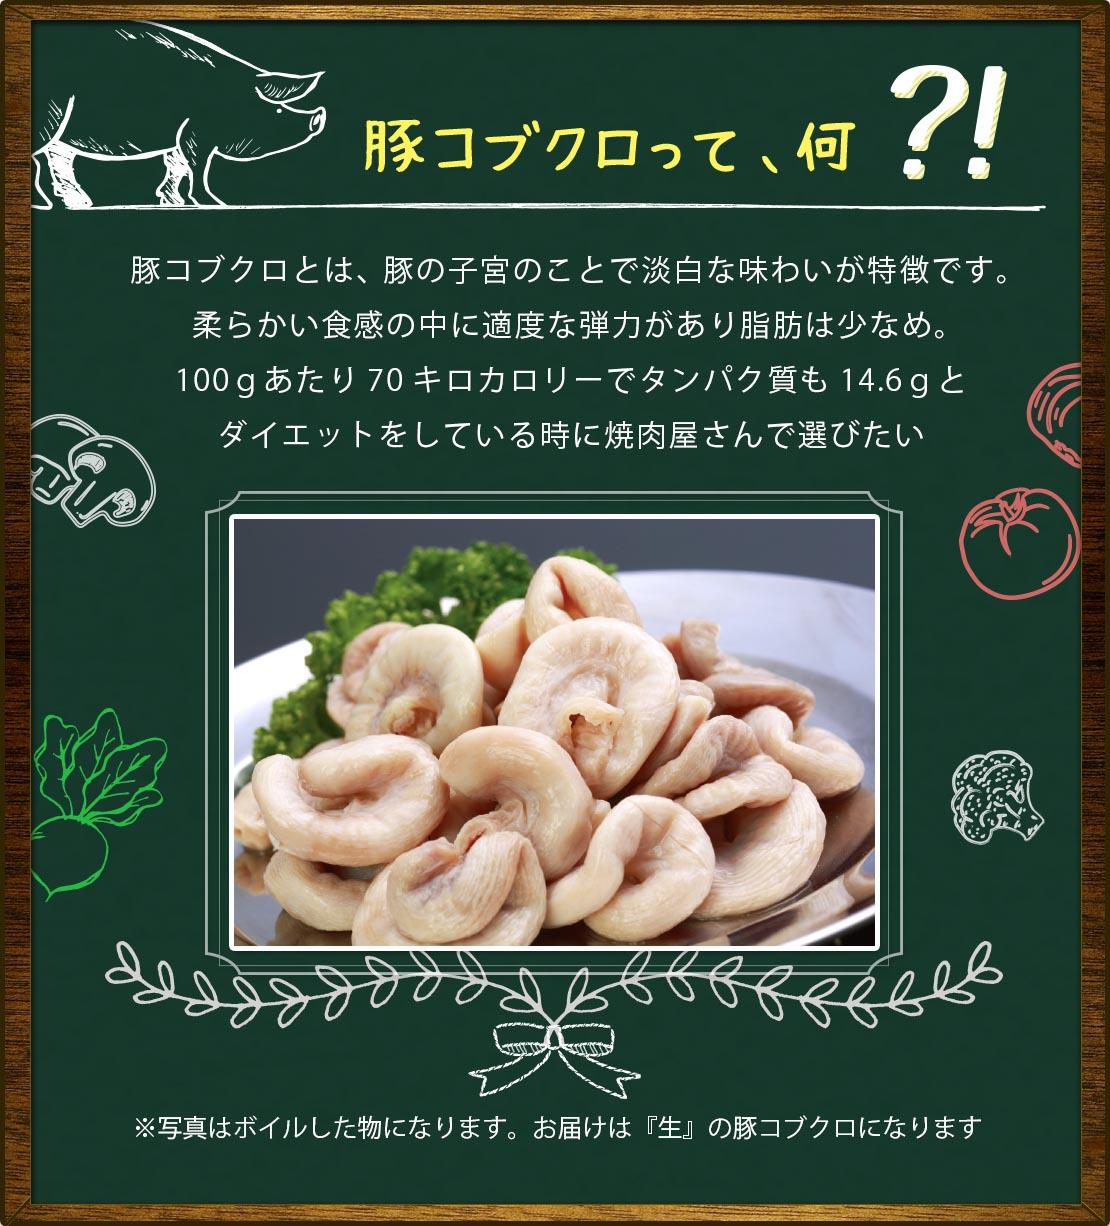 豚コブクロとは、豚の子宮のことで淡白な味わいが特徴です。